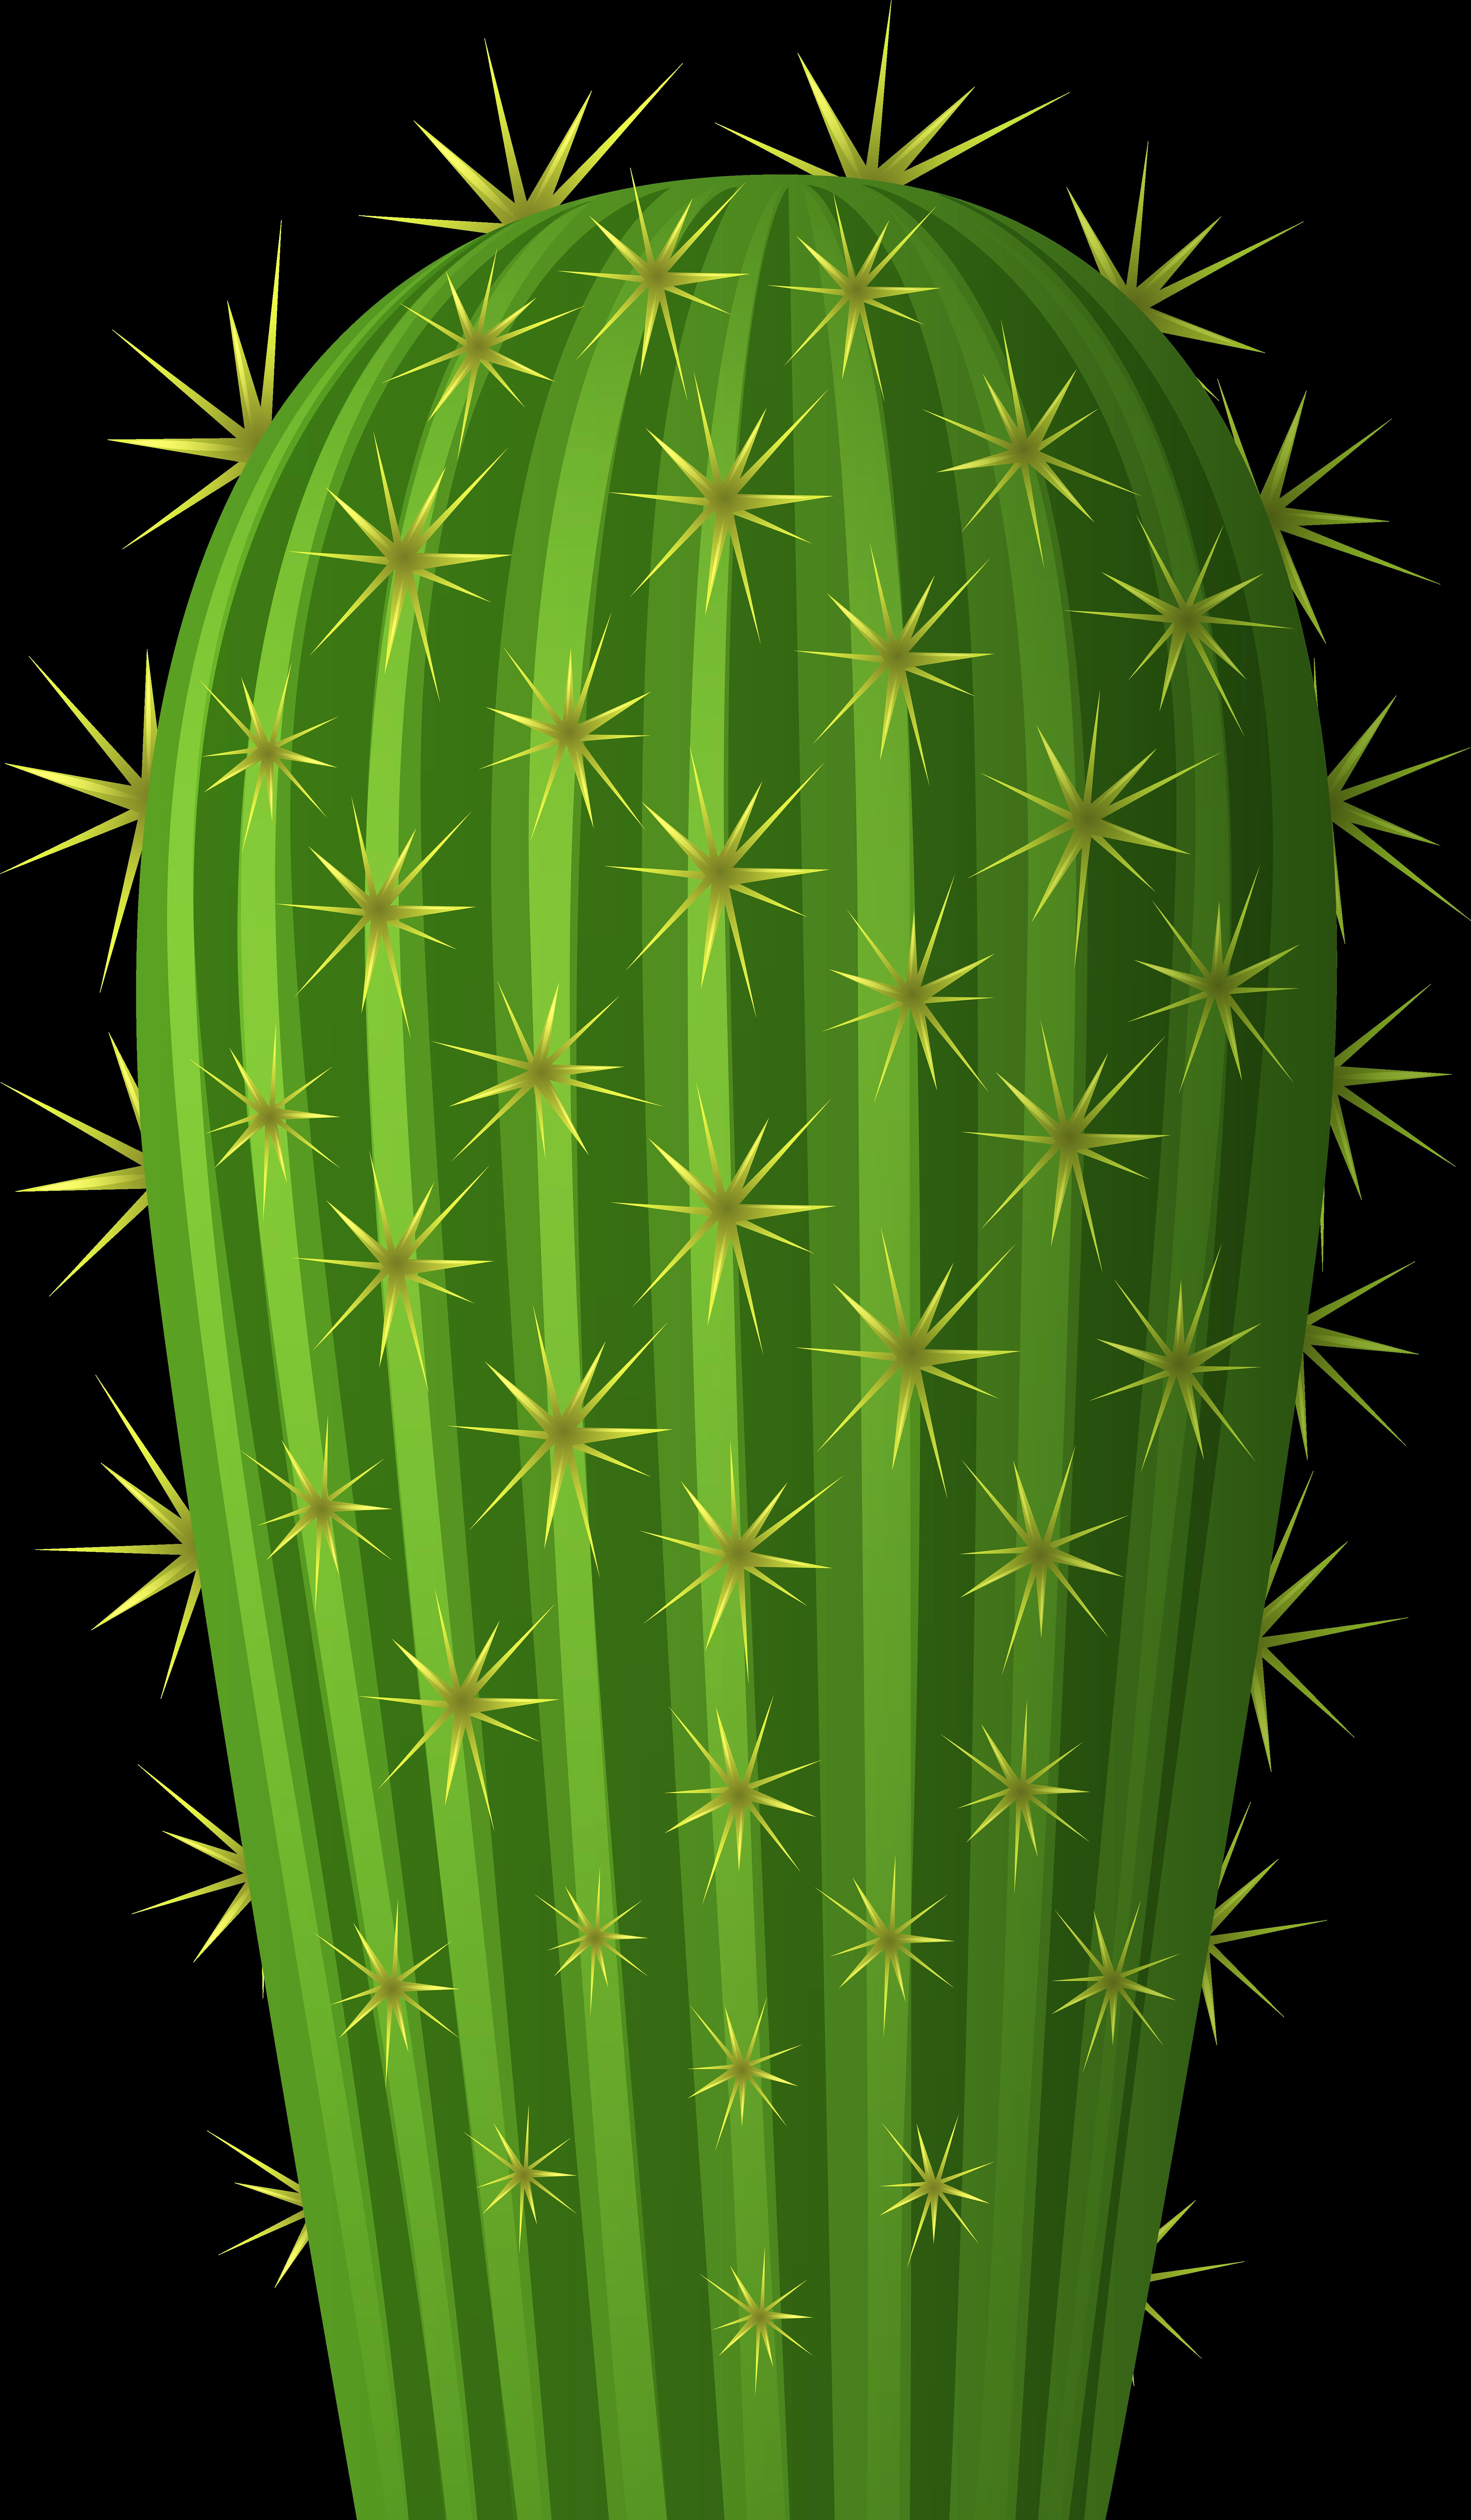 Christmas Cactus Clipart.Cactus Png Christmas Cactus Png Transparent Cartoon